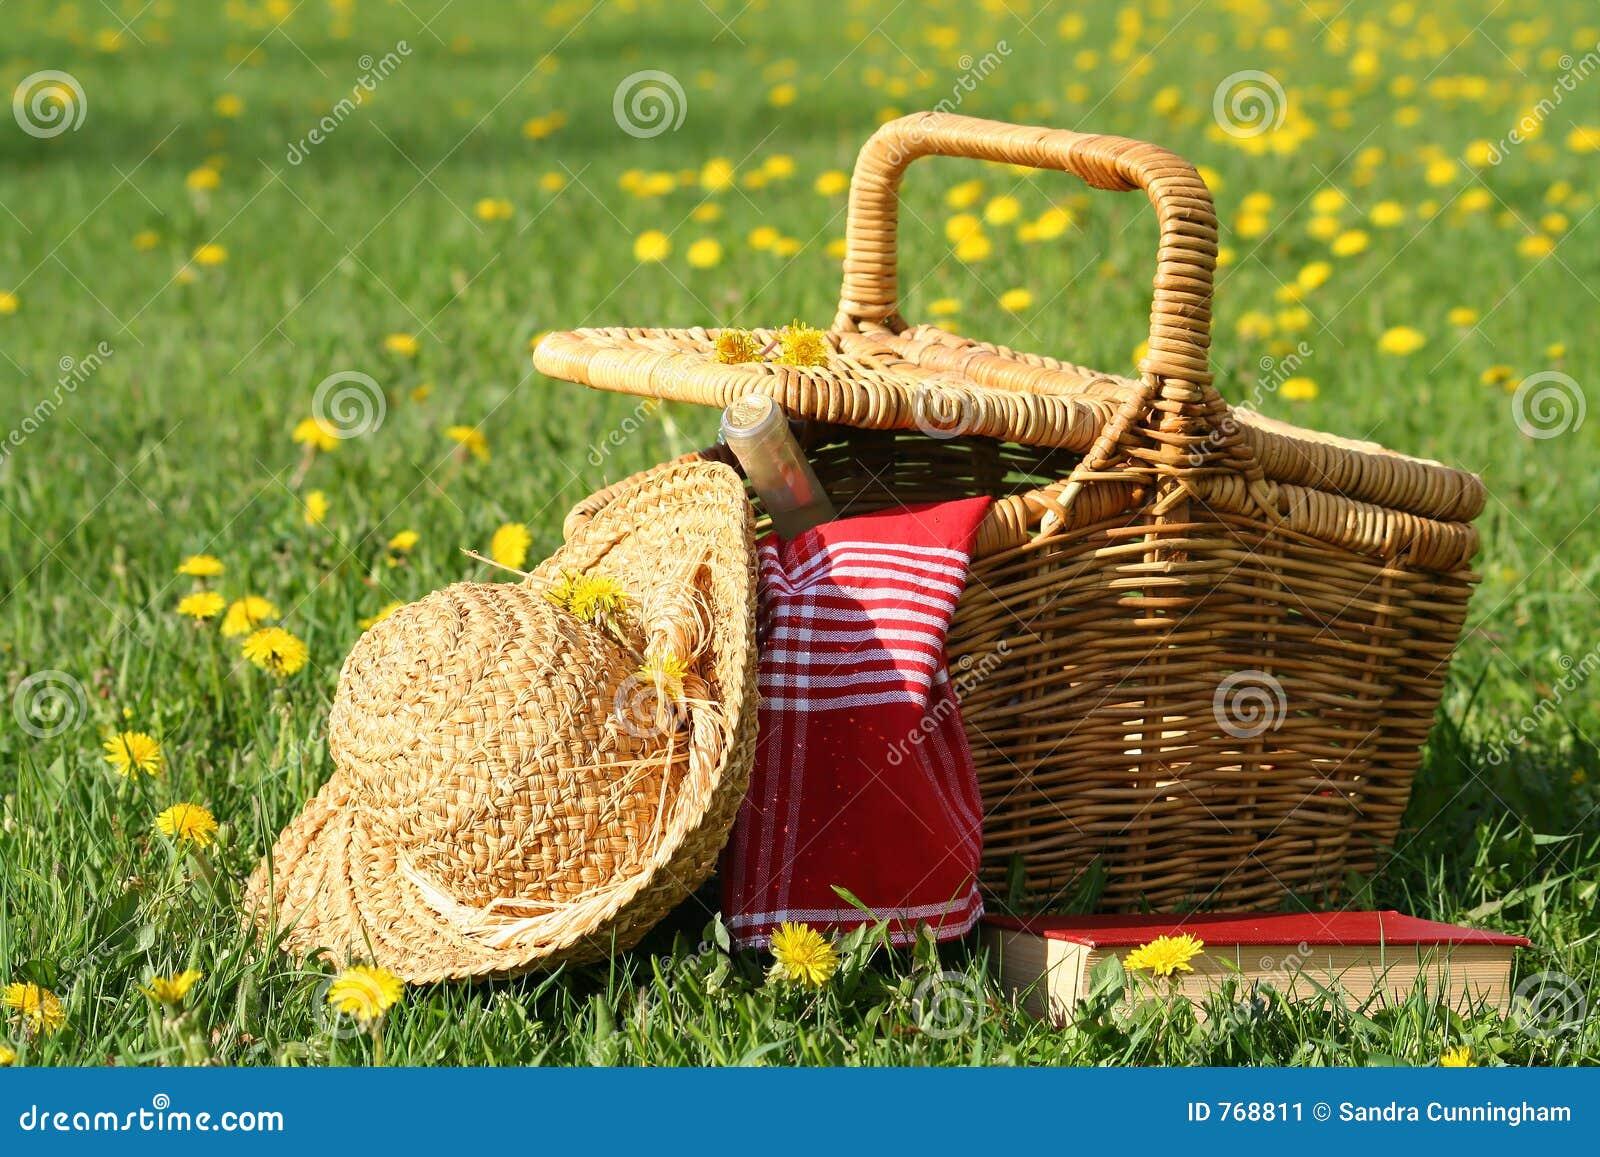 Comida campestre en la hierba